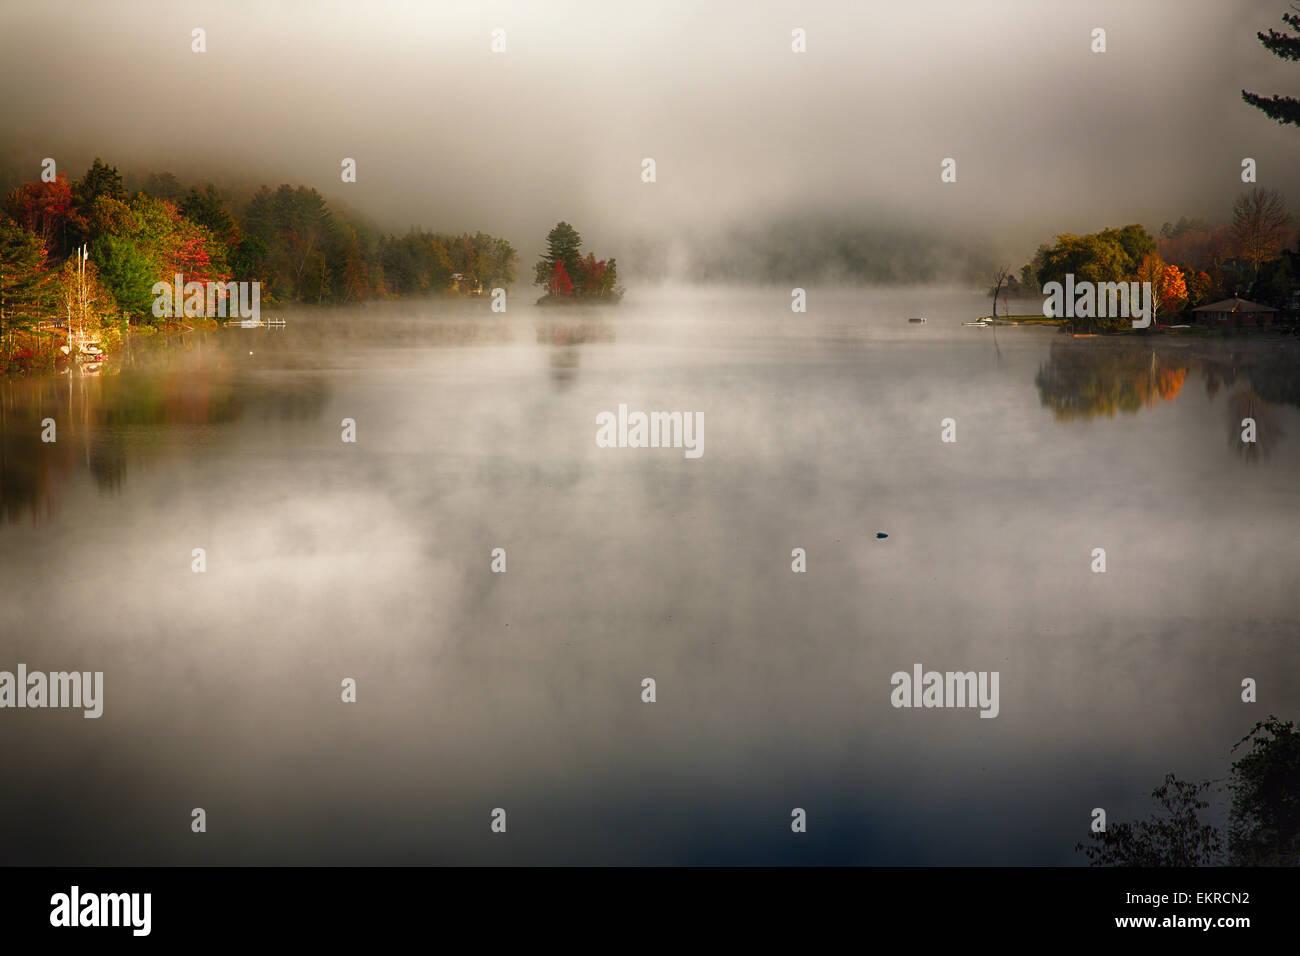 Un alto ángulo de visualización de un lago con niebla matutina durante el otoño, Knapp Brook Pond, Imagen De Stock